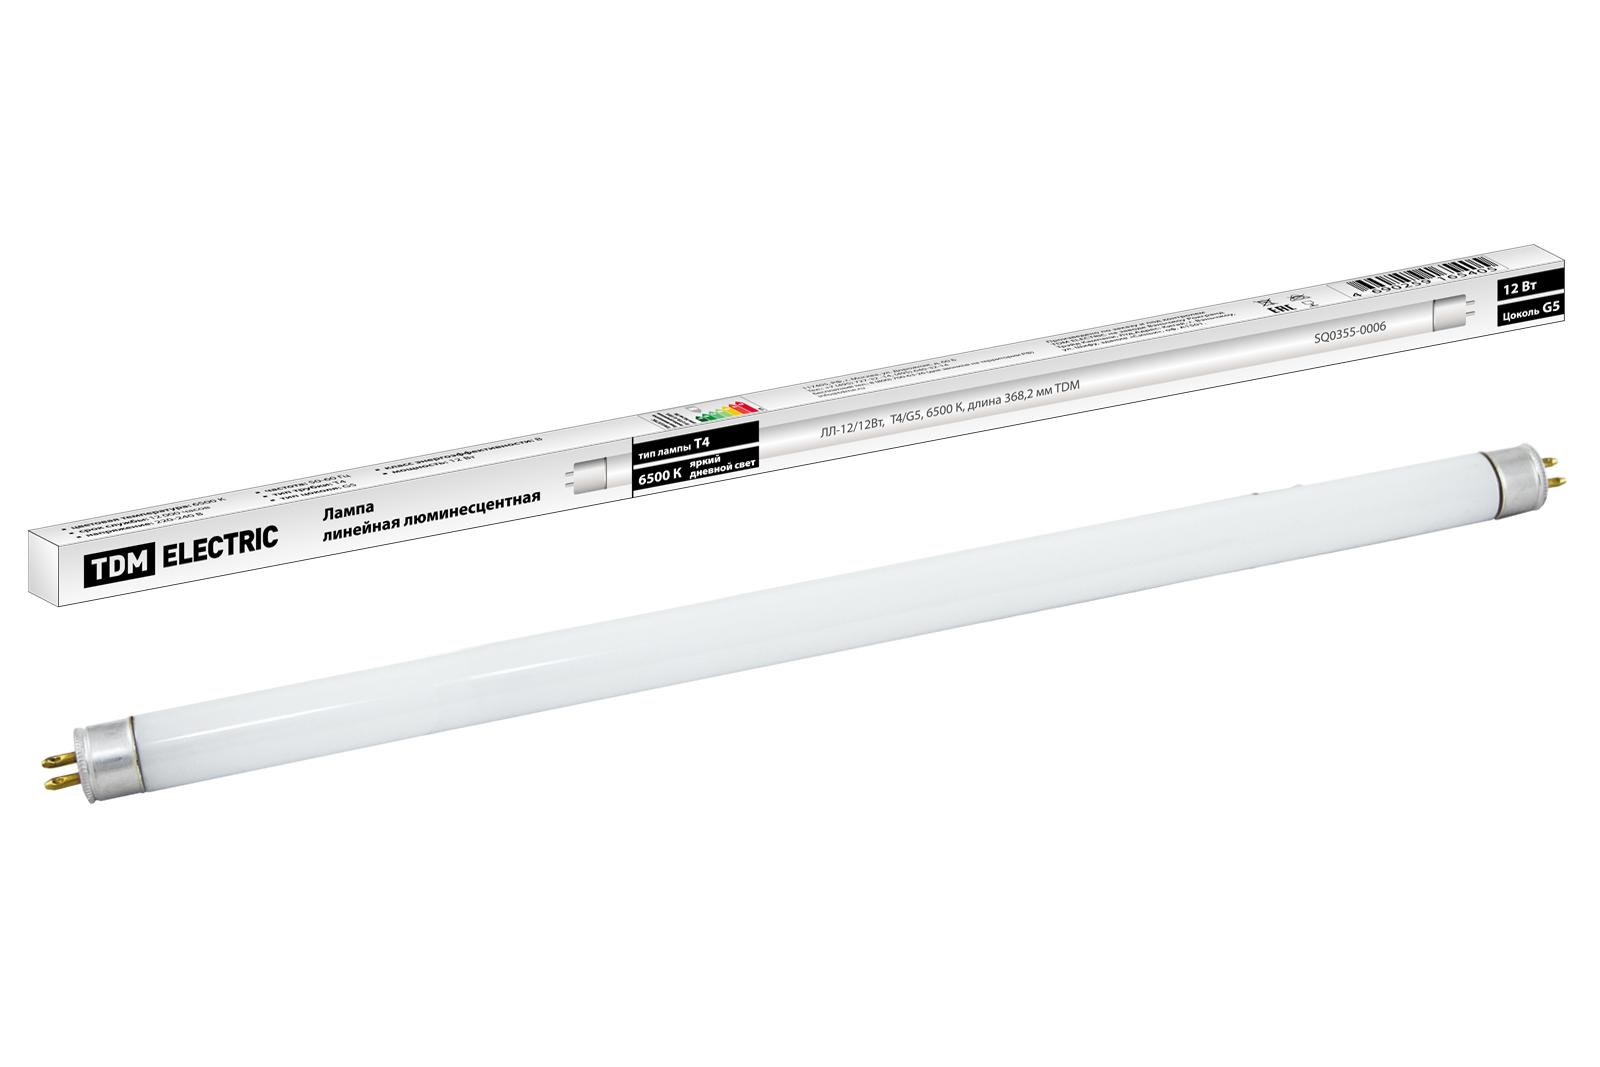 Фото Лампа люминесцентная линейная двухцокольная ЛЛ-12/12Вт, T4/G5, 6500 К, длина 368,2мм TDM {SQ0355-0006}